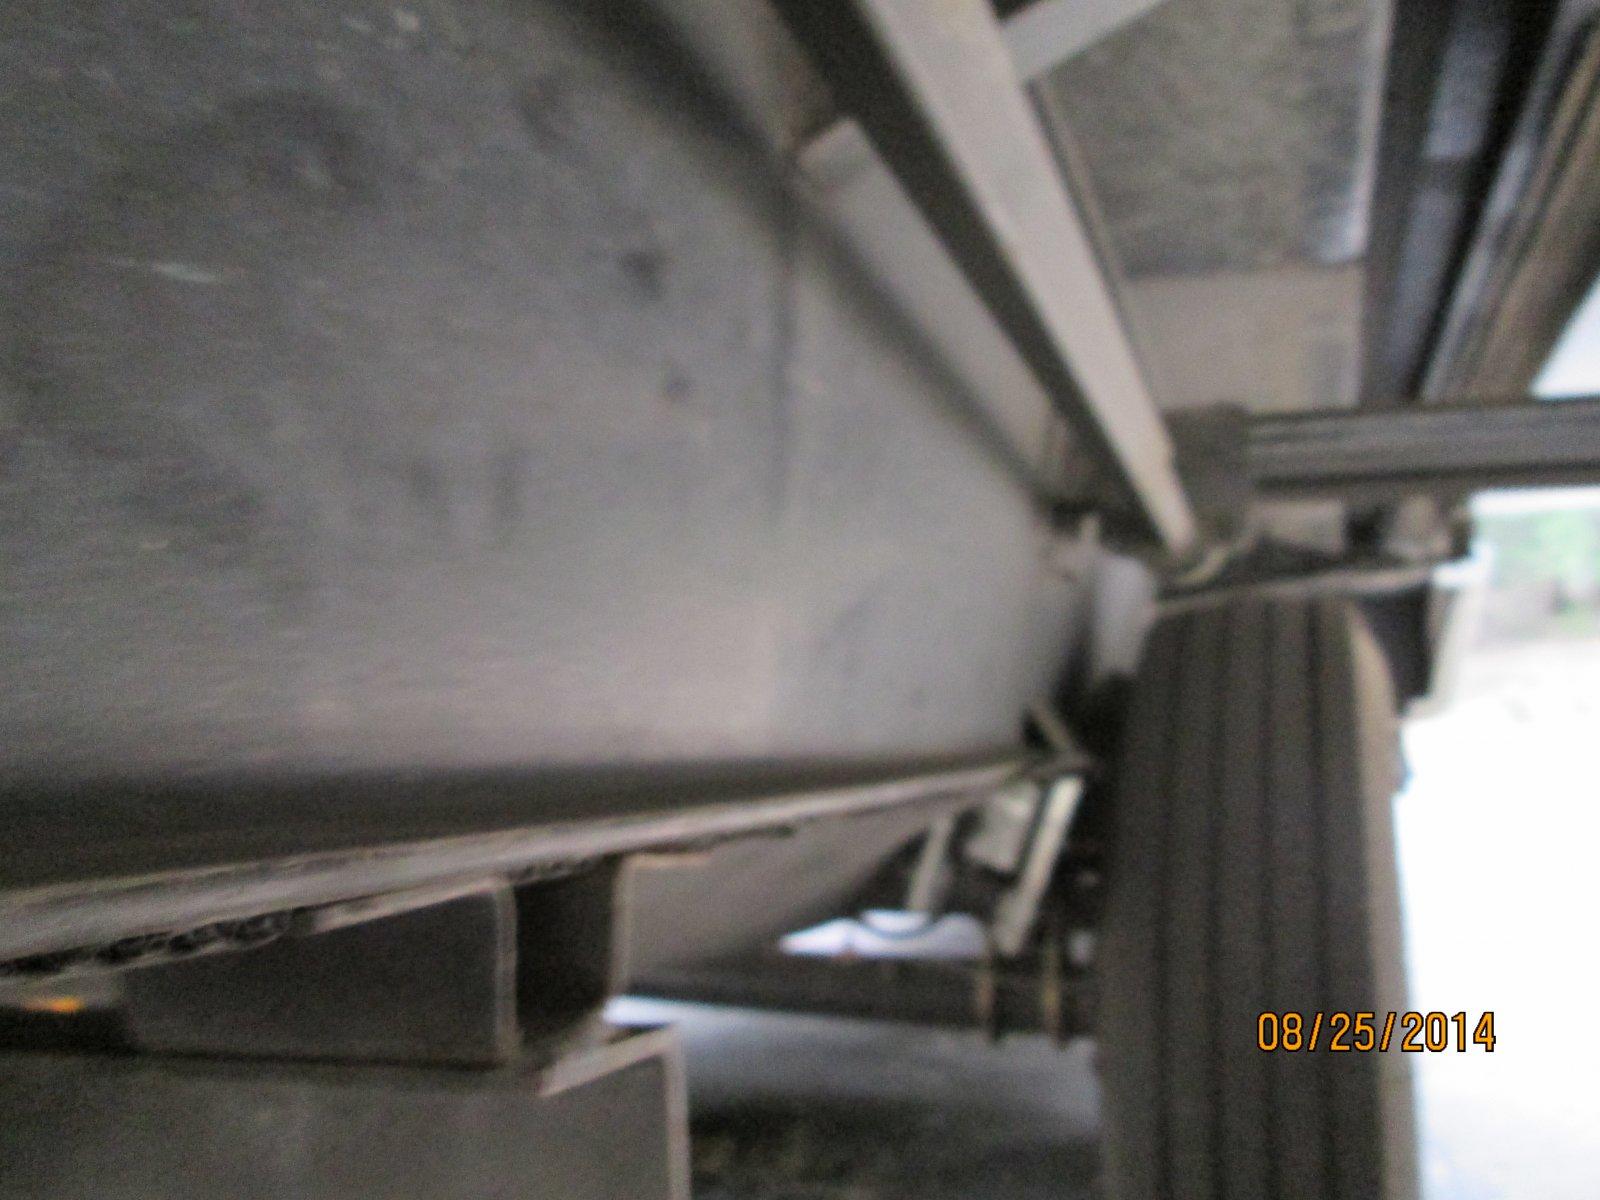 Click image for larger version  Name:Bighorn Frame-Suspension Damage 013.jpg Views:168 Size:218.1 KB ID:193973